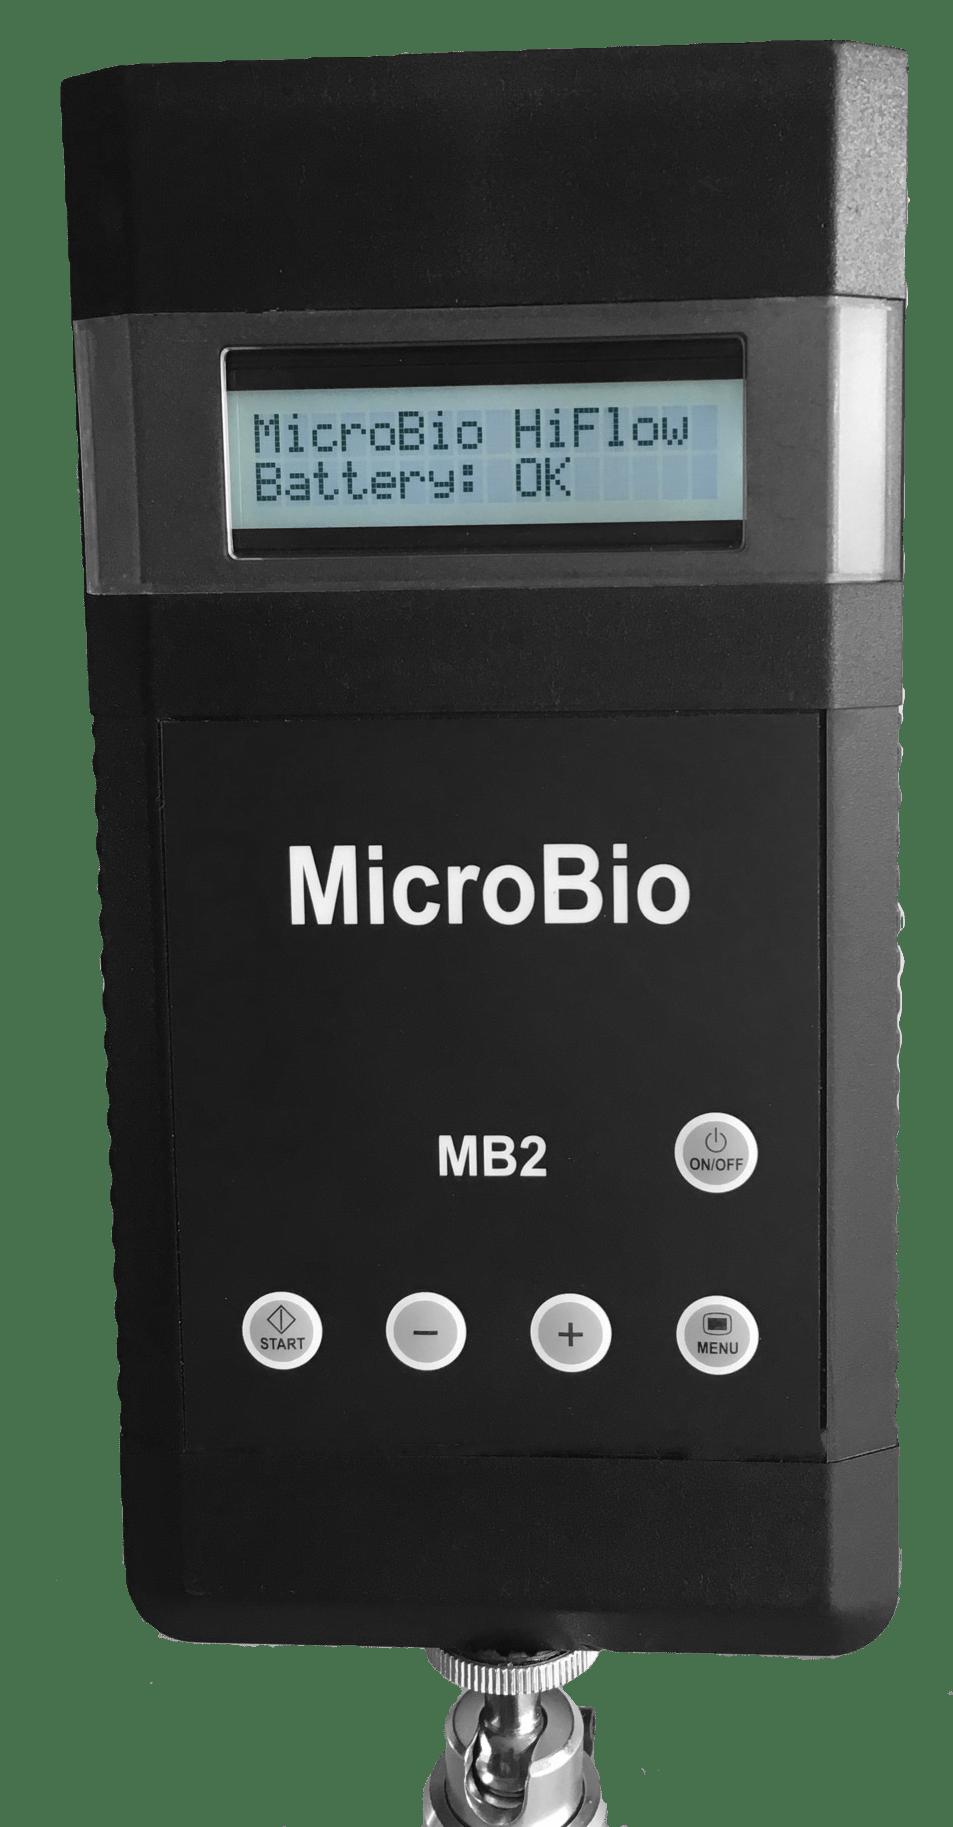 MicroBio MB2-HiFlow Bioaerosol Sampler